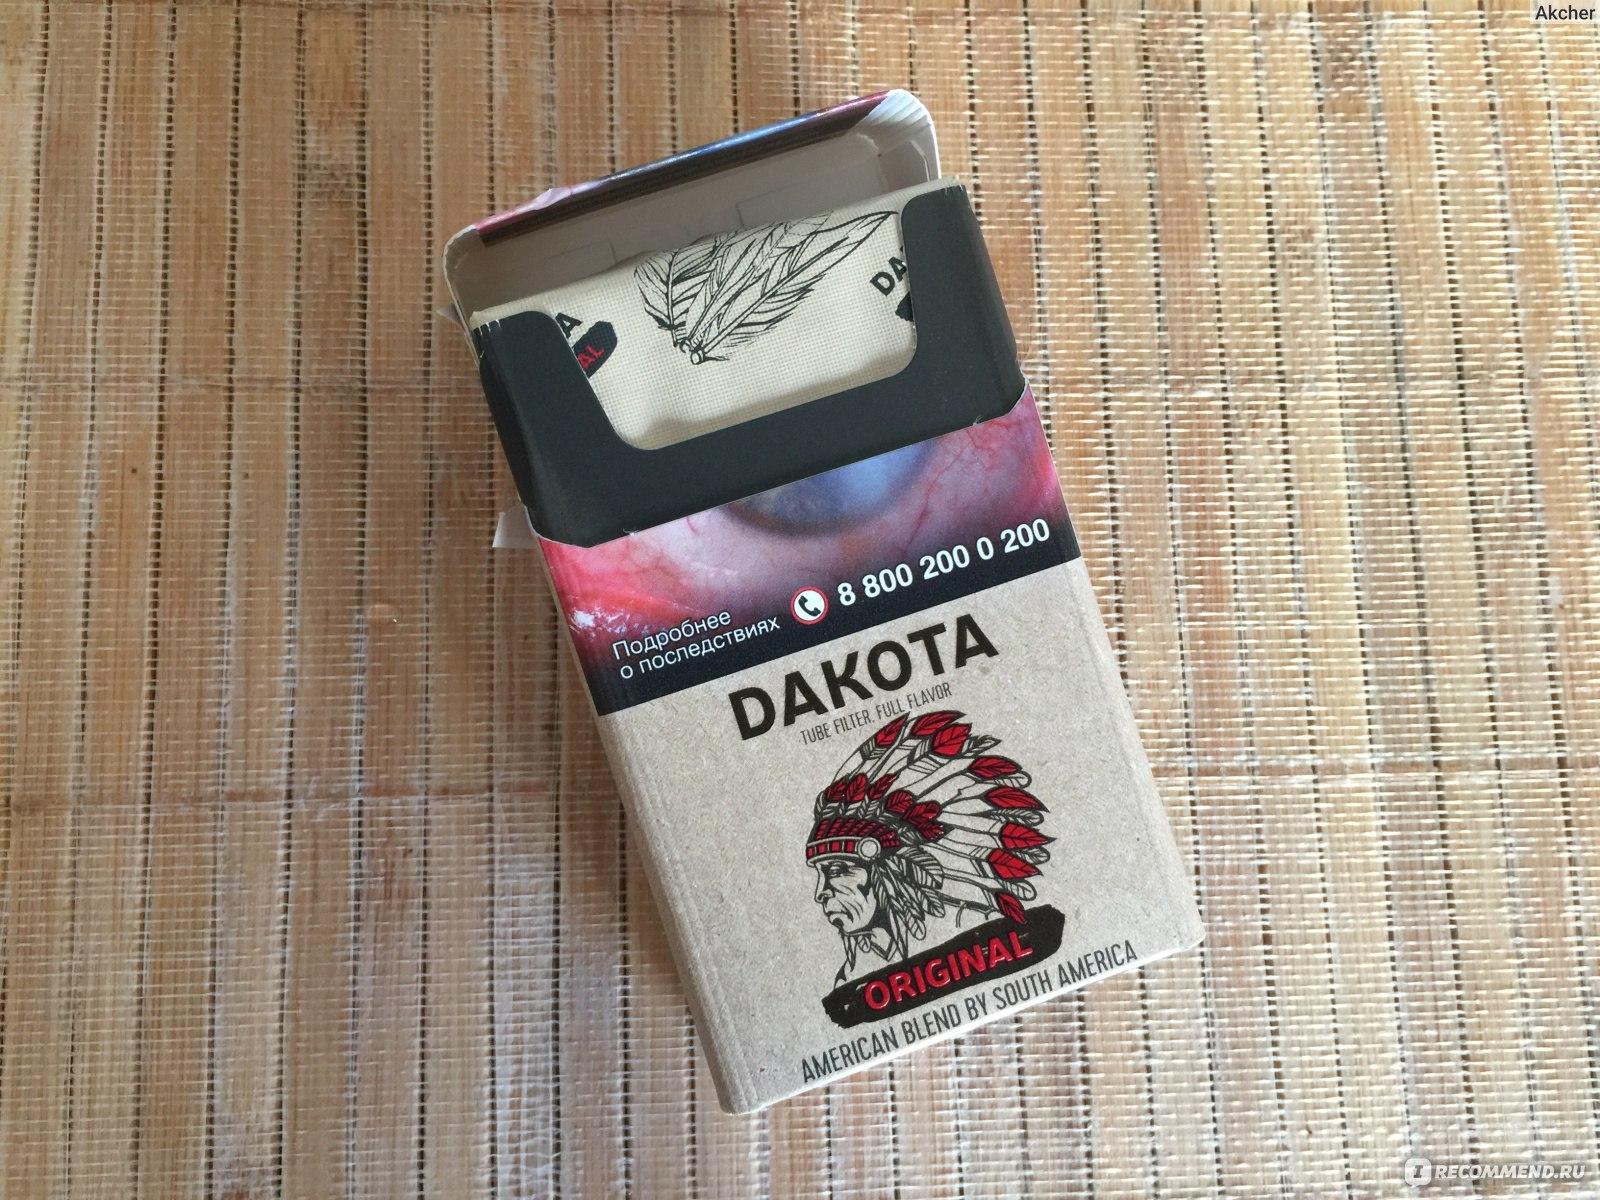 Сигареты дакота купить в калининграде заказать my blu электронная сигарета